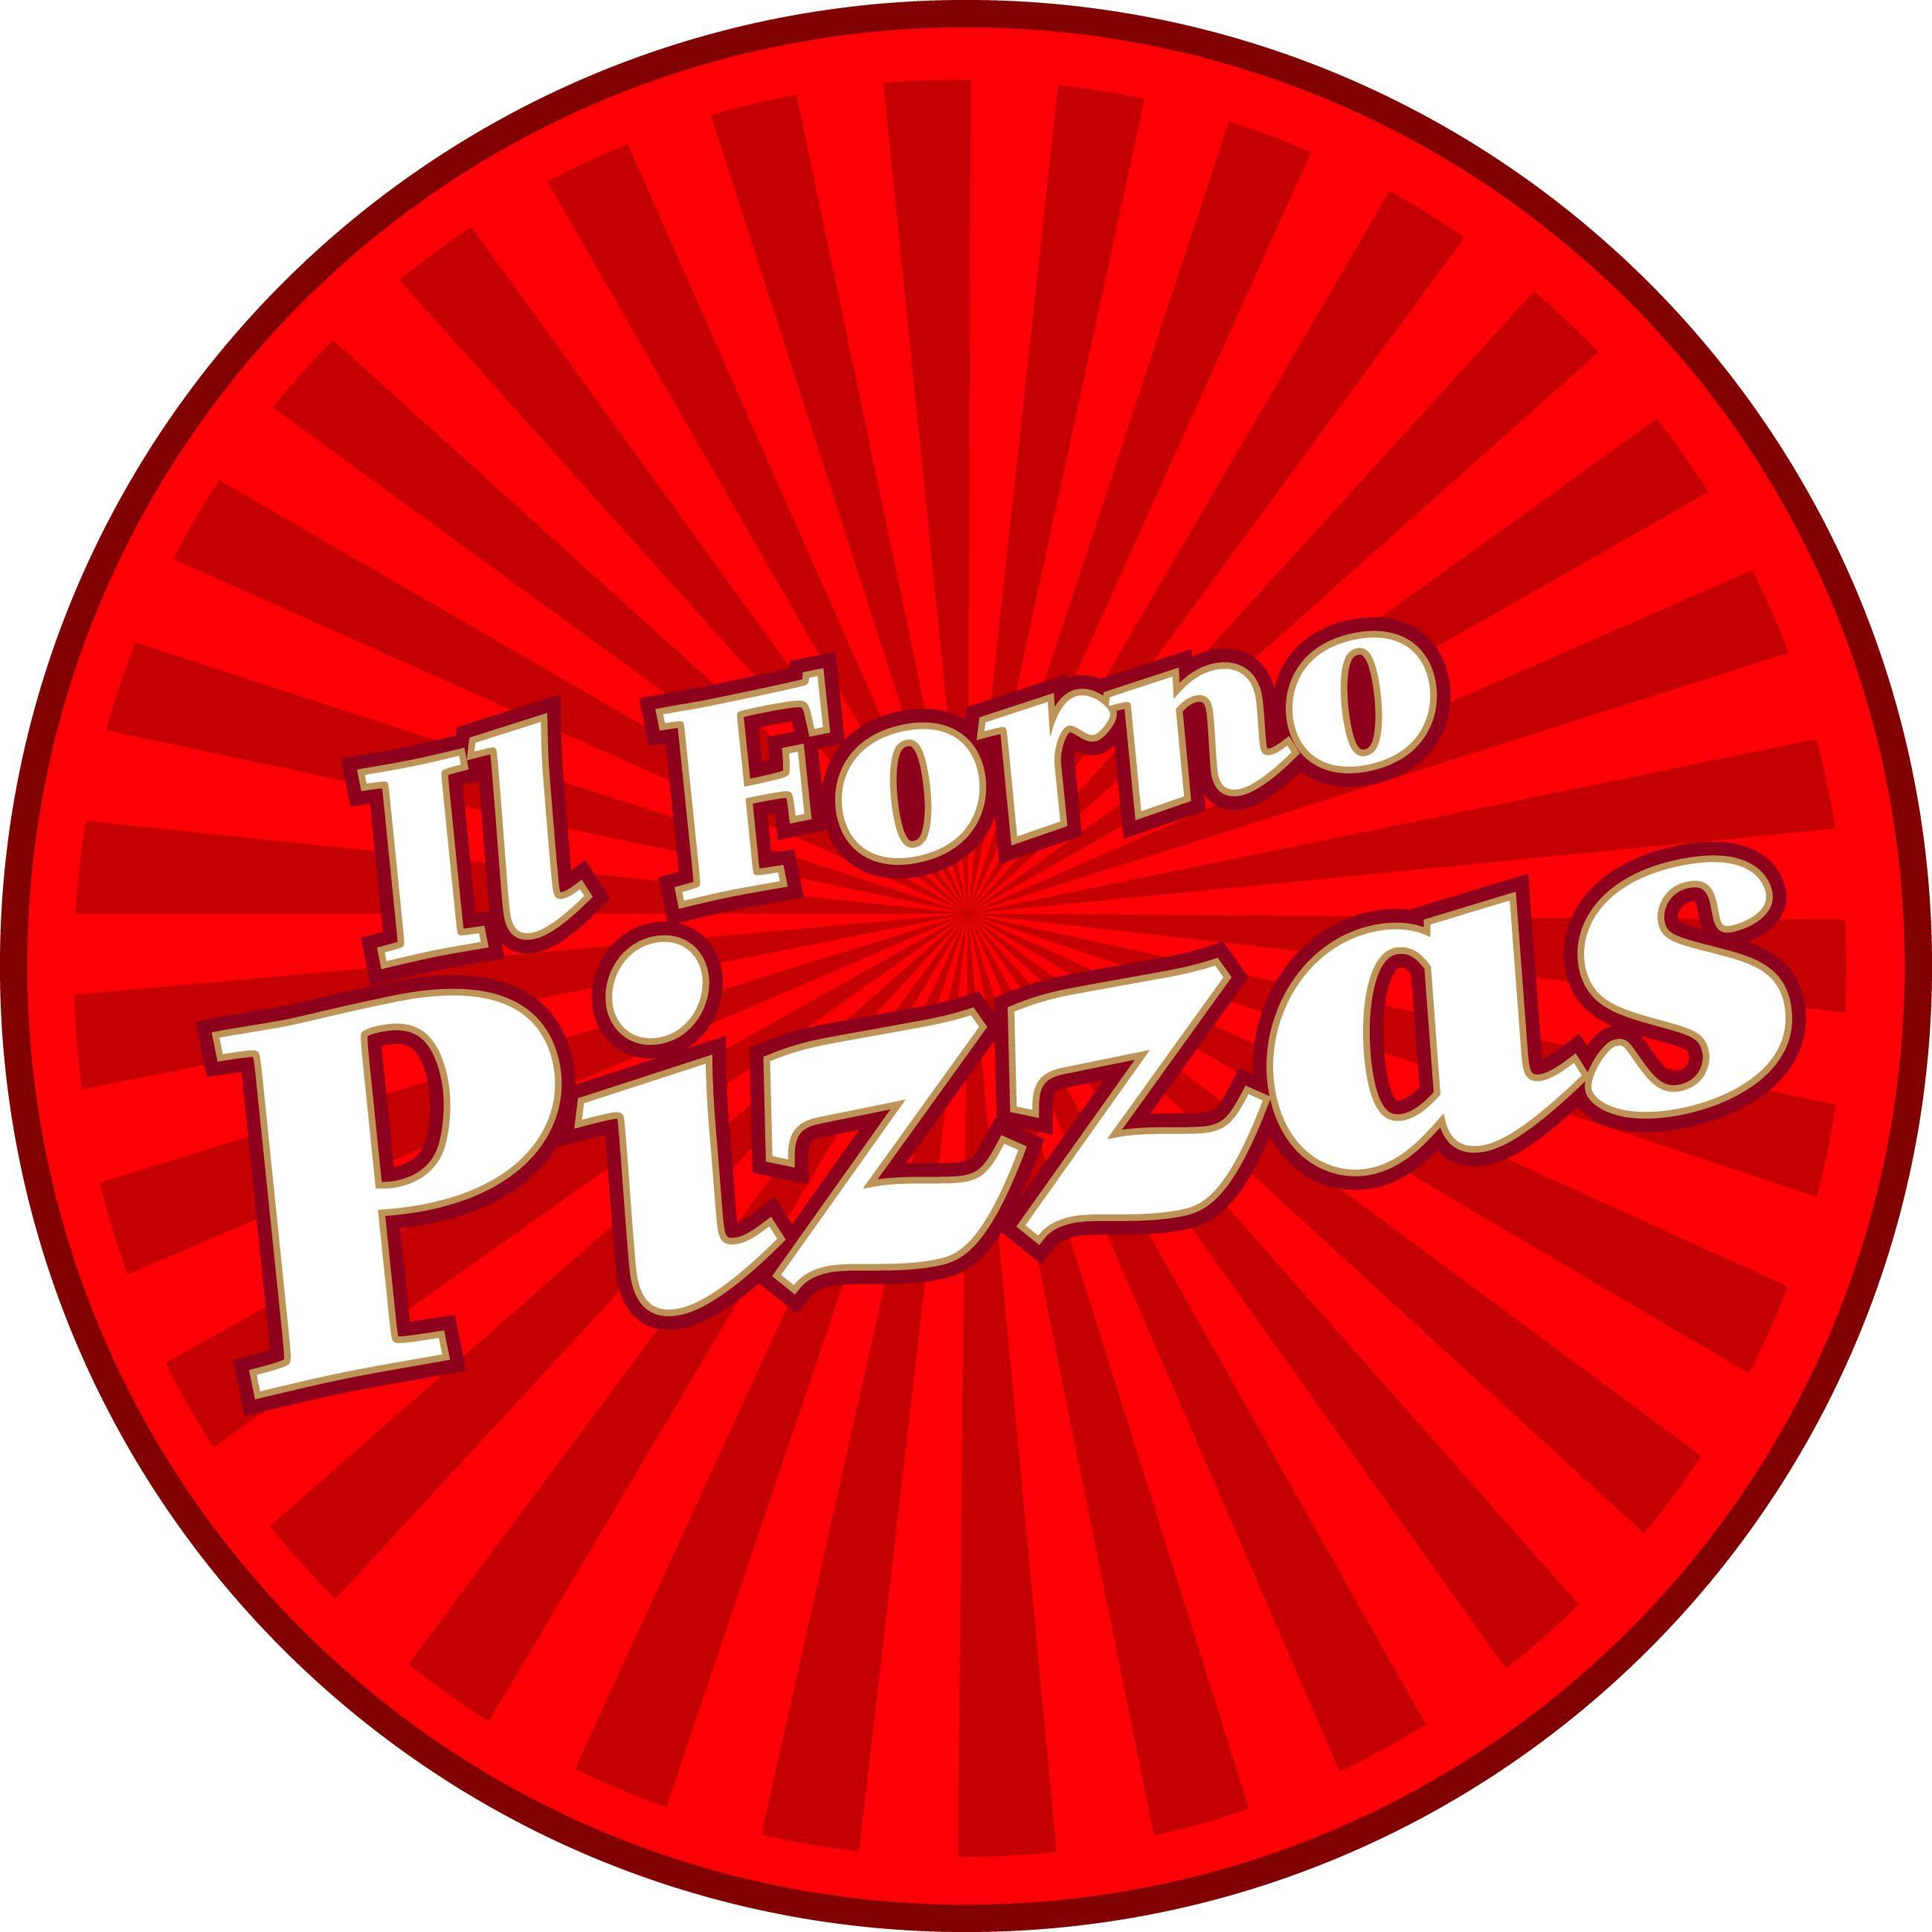 Il Forno Pizzas